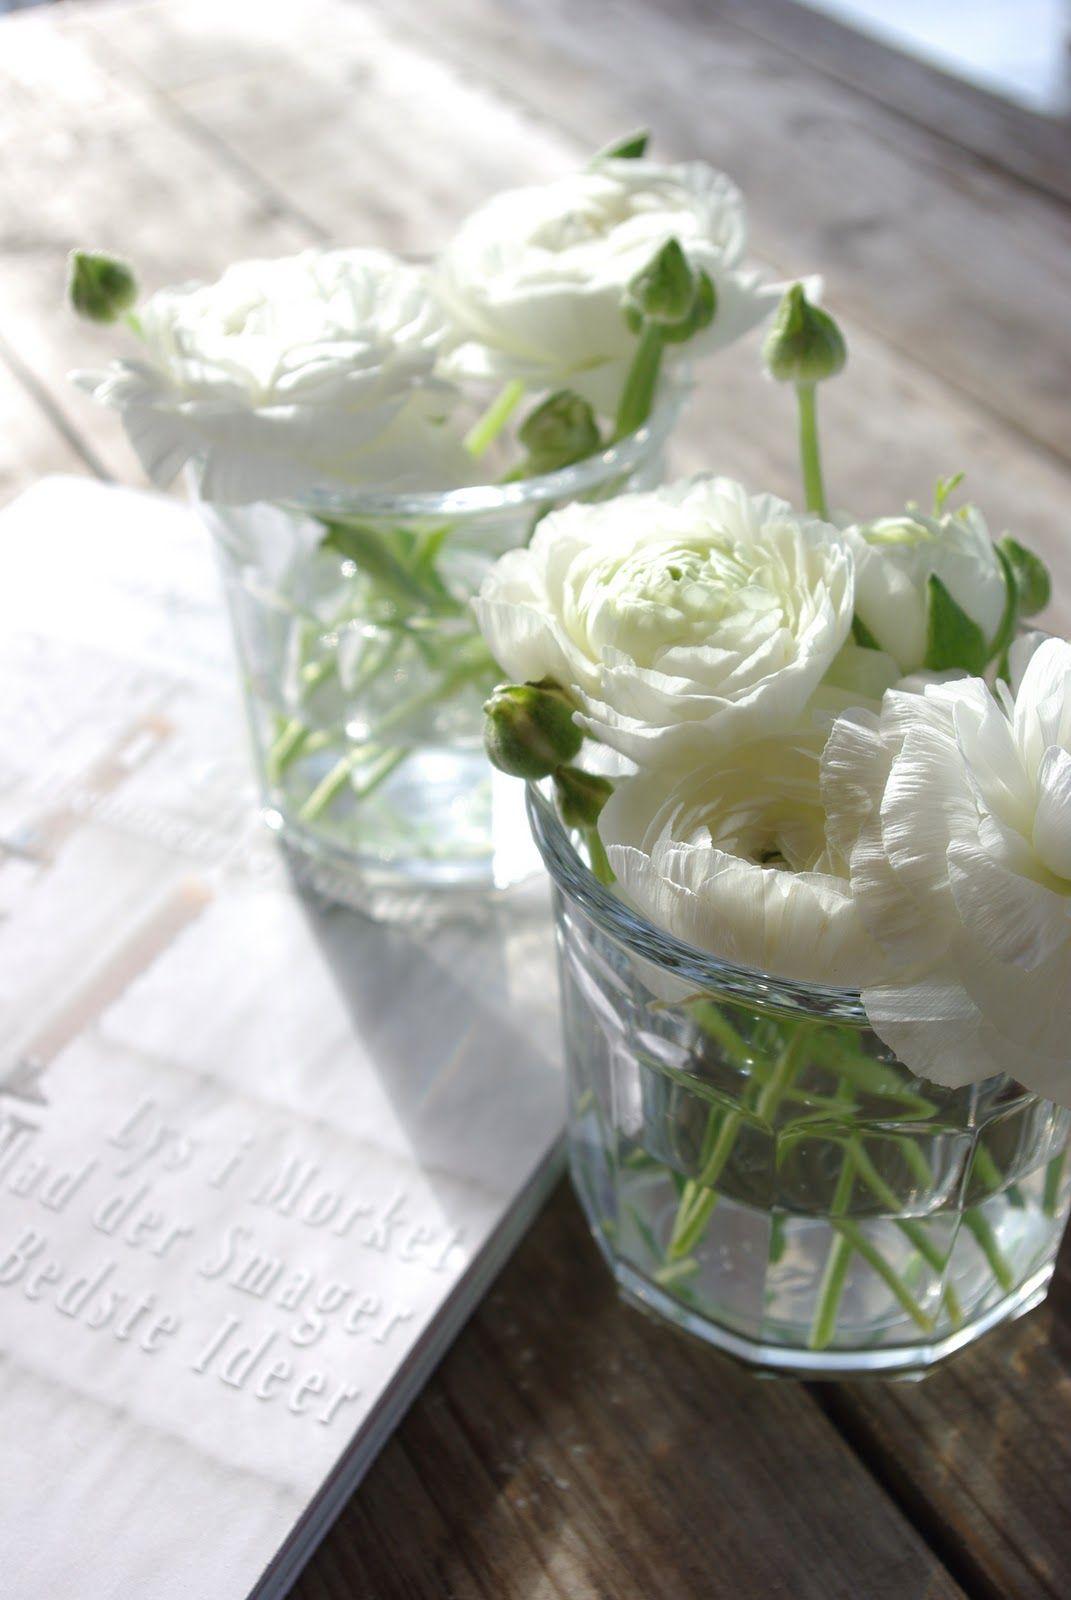 Small White Flower Arrangement Sunlight Charms Spring